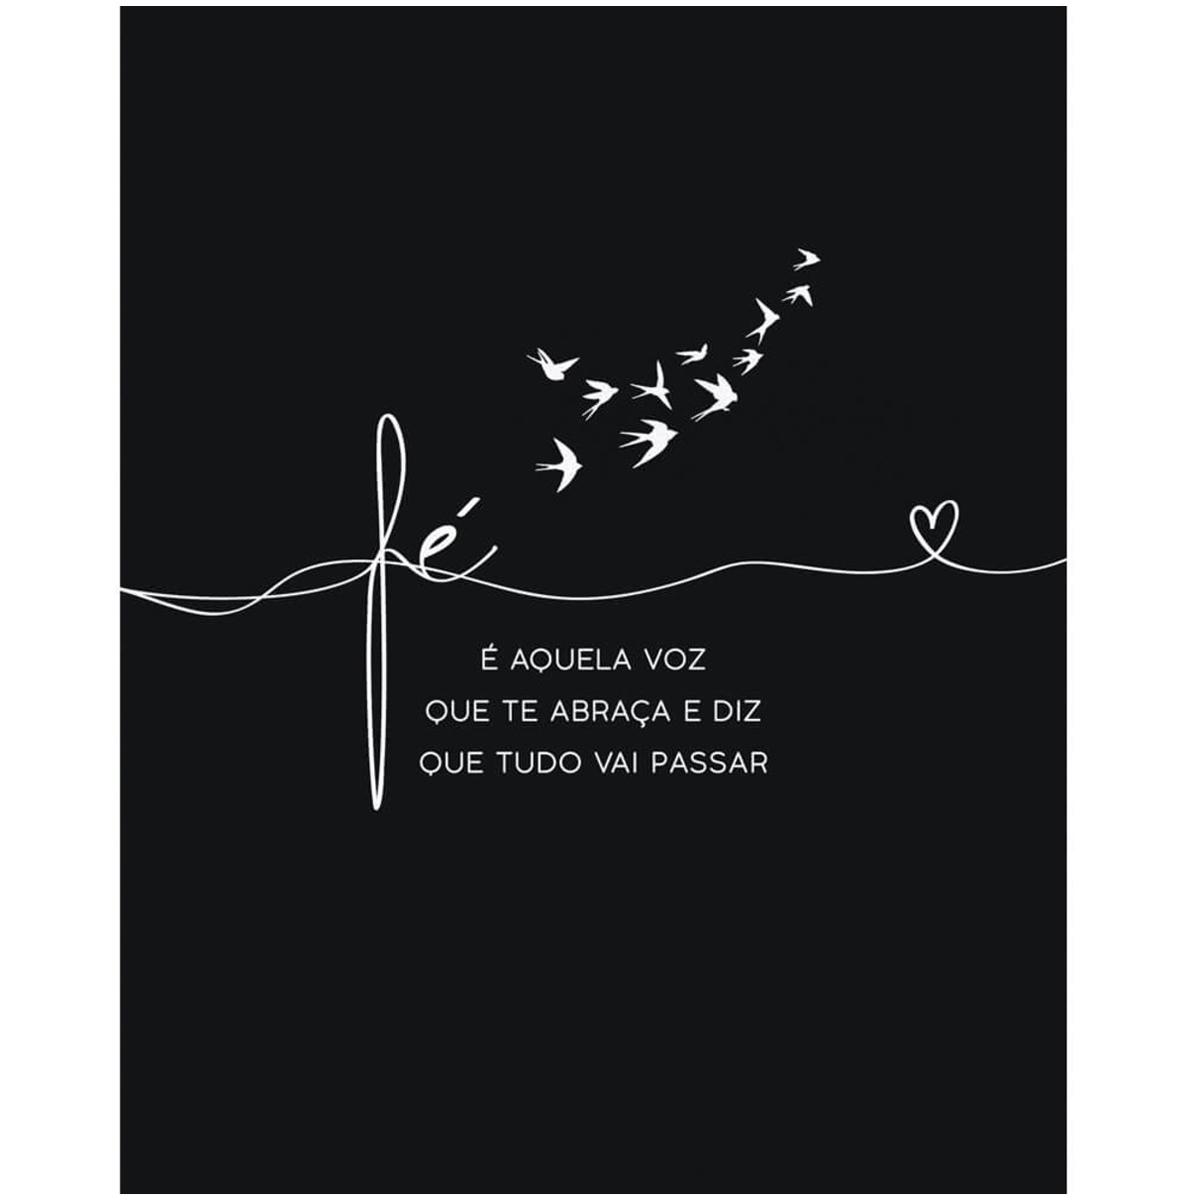 Placa decorativa MDF 24x19cm Fé é aquela voz que te abraça